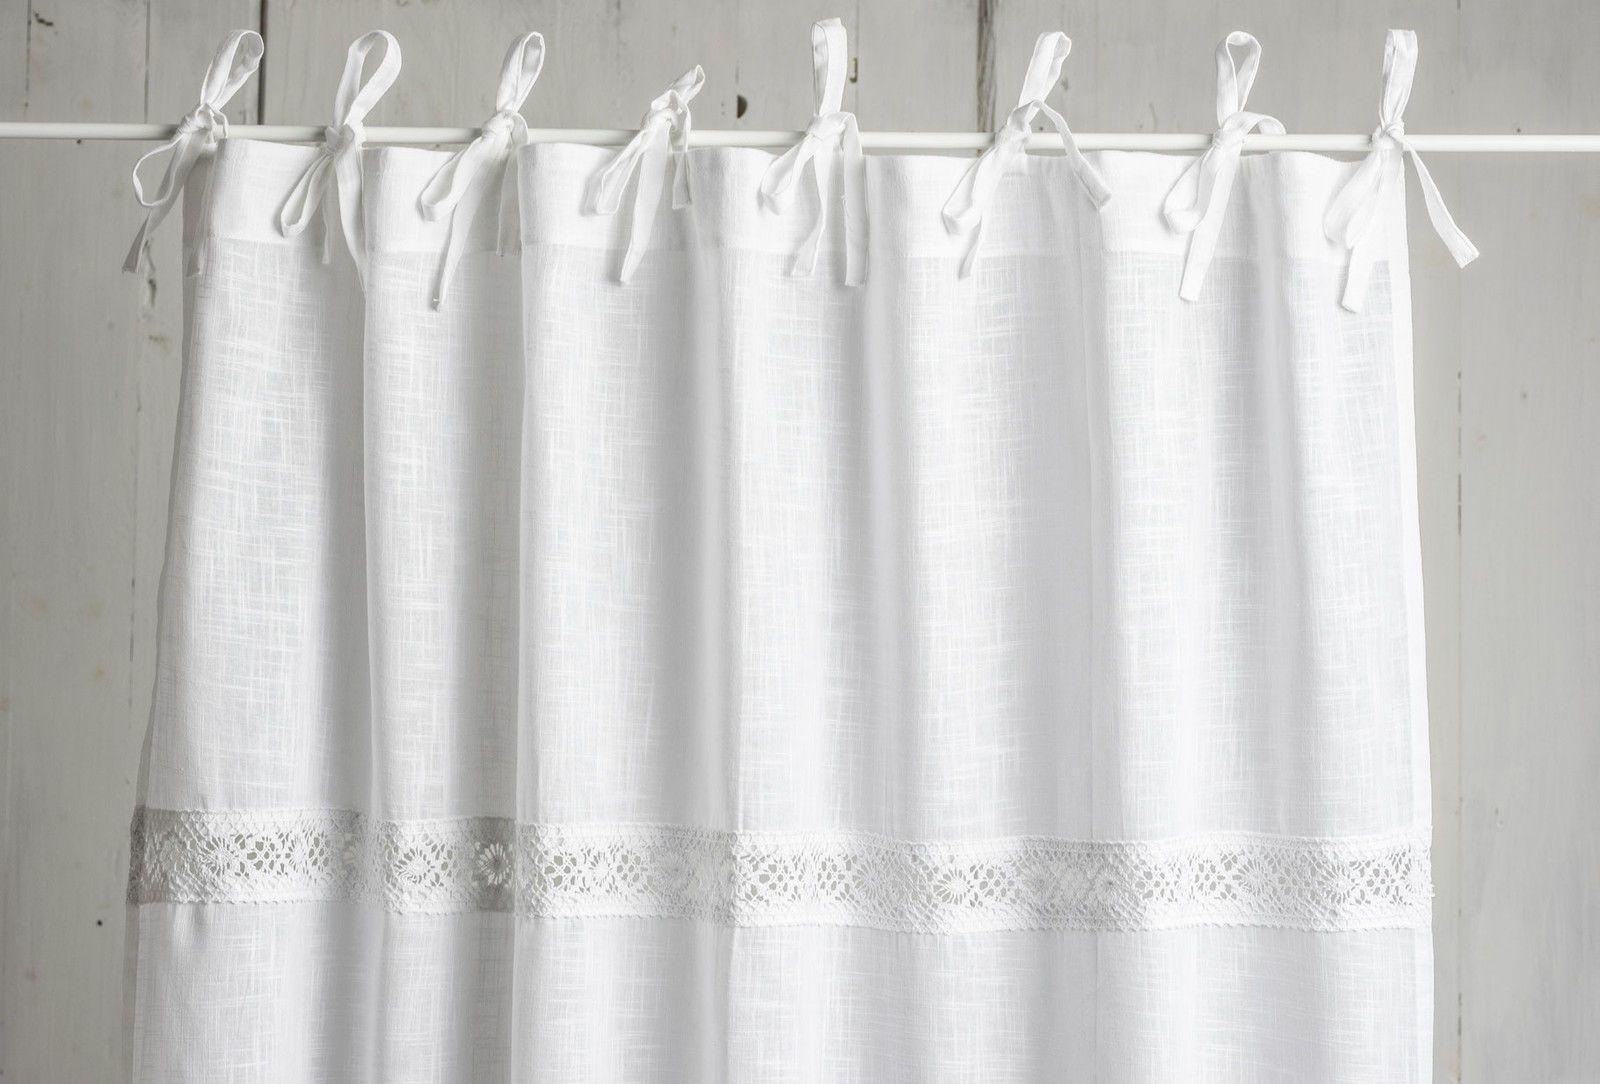 Julia Weiss Vorhange 2x 120x250cm Gardinen Landhaus Shabby Franske Curtain Chic Ebay Gardinen Weisse Vorhange Vorhange